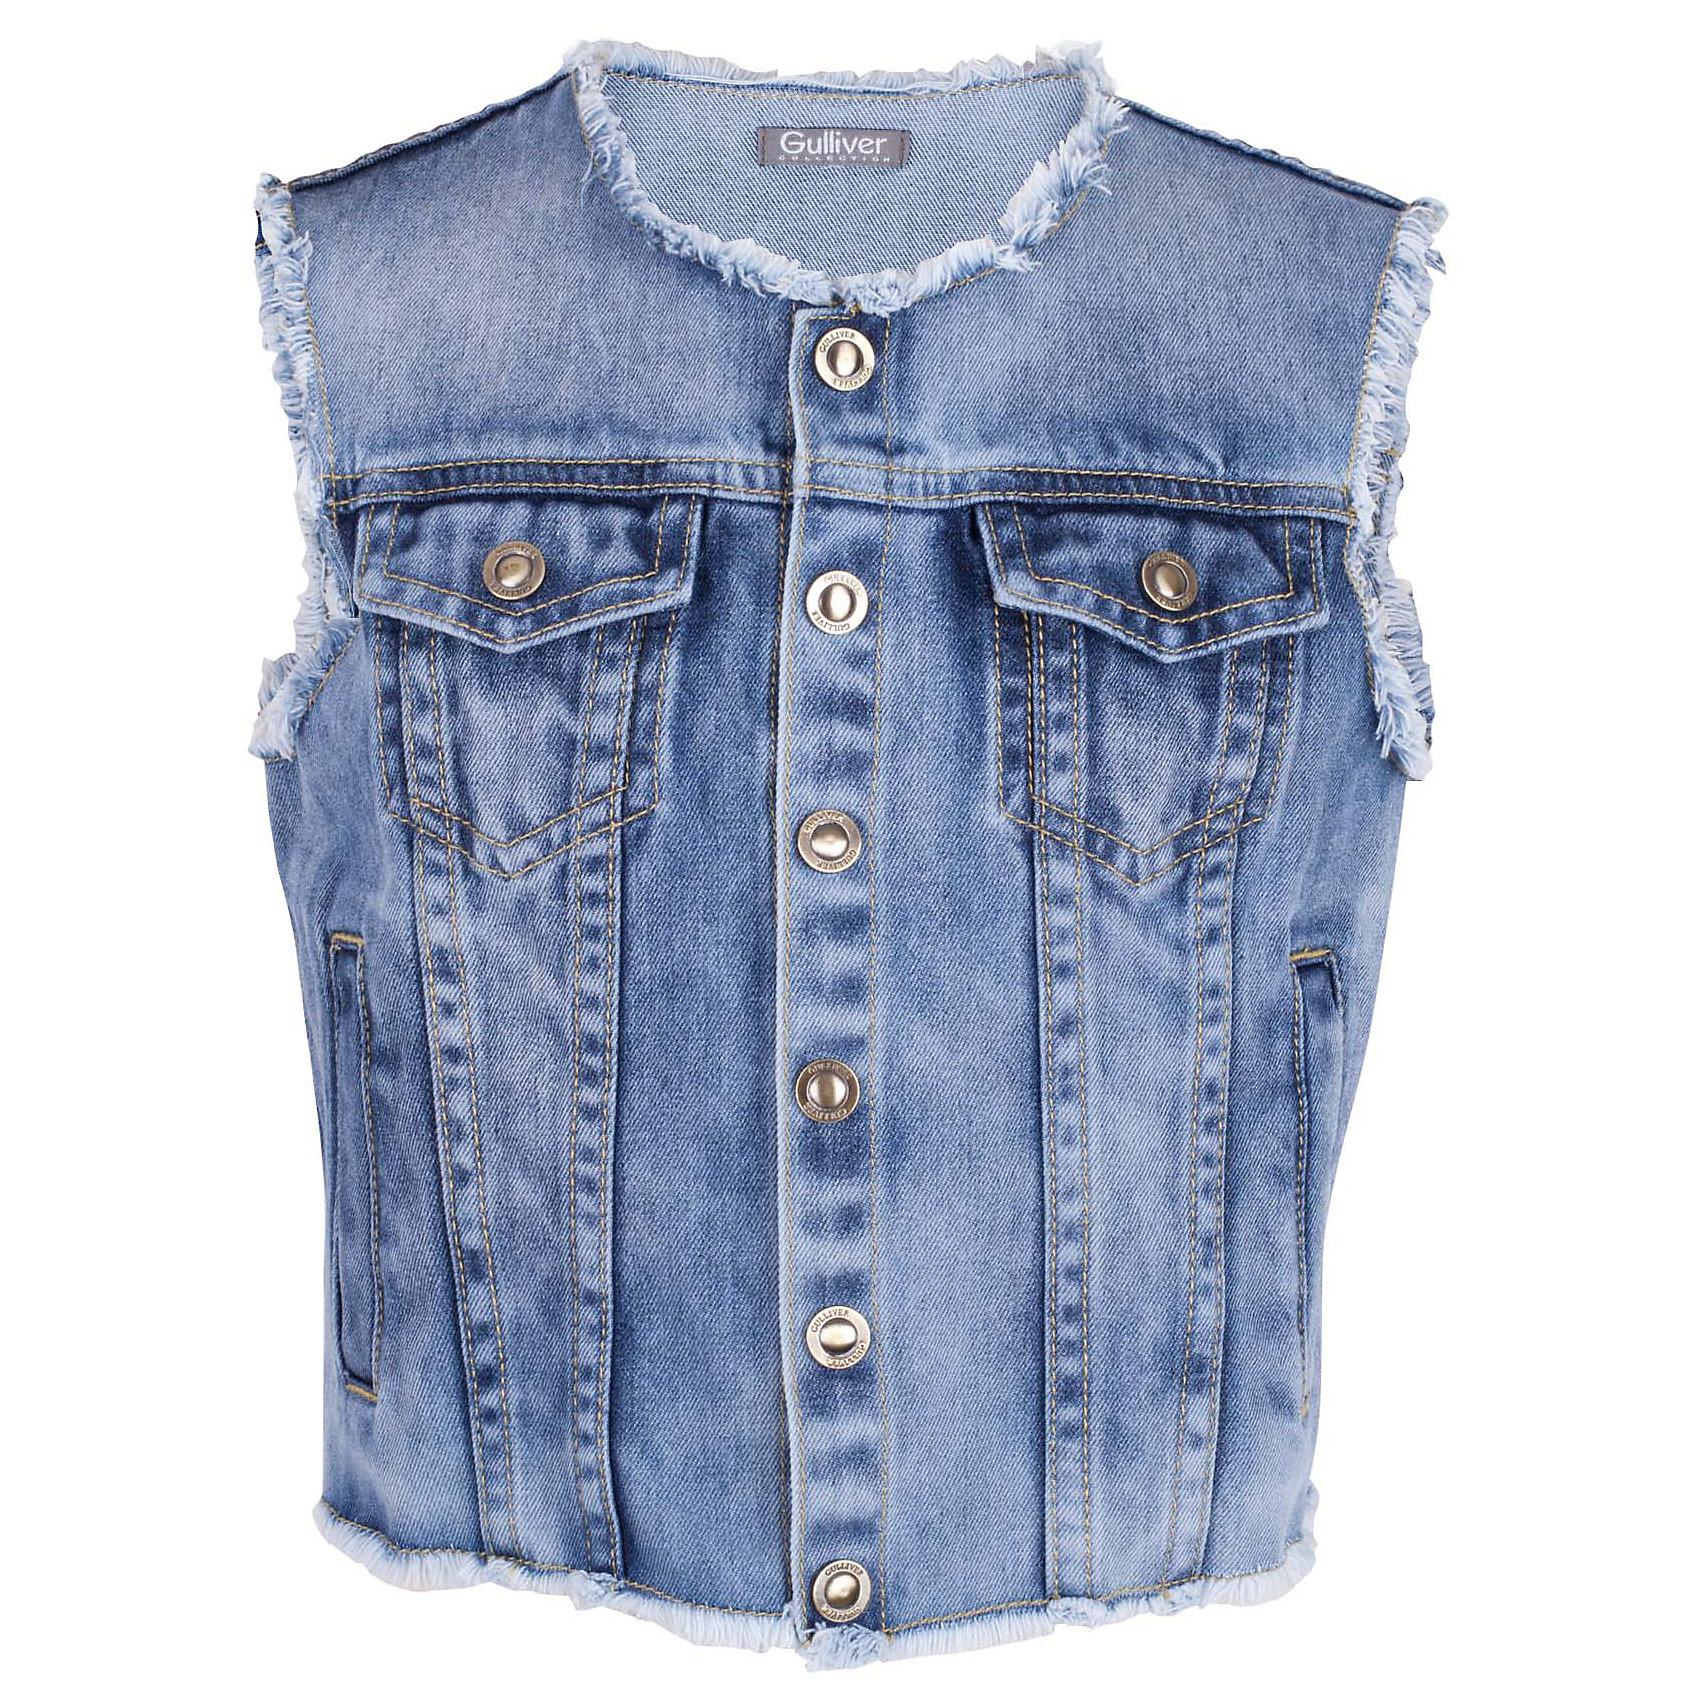 Жилет джинсовый для девочки GulliverЖилеты<br>Джинсовый жилет - хит сезона Весна/Лето 2017! При этом, его не назовешь вещью первой необходимости. Он красиво дополнит любую футболку, майку, сарафан, сделав образ свежее и ярче! Жилет для девочки выполнен из денима с модными потертостями, открытыми срезами горловины, проймы, низа изделия и оформлен фирменной фурнитурой. Романтическому образу жилет добавит динамики и драйва, а комплекту в стиле casual придаст модную многослойность. Вы хотите купить детский джинсовый жилет, чтобы дополнить гардероб чем-то новым и оригинальным? Стильный джинсовый жилет отлично справится с этой задачей!<br>Состав:<br>100% хлопок<br><br>Ширина мм: 356<br>Глубина мм: 10<br>Высота мм: 245<br>Вес г: 519<br>Цвет: синий<br>Возраст от месяцев: 108<br>Возраст до месяцев: 120<br>Пол: Женский<br>Возраст: Детский<br>Размер: 140,122,128,134<br>SKU: 5484016